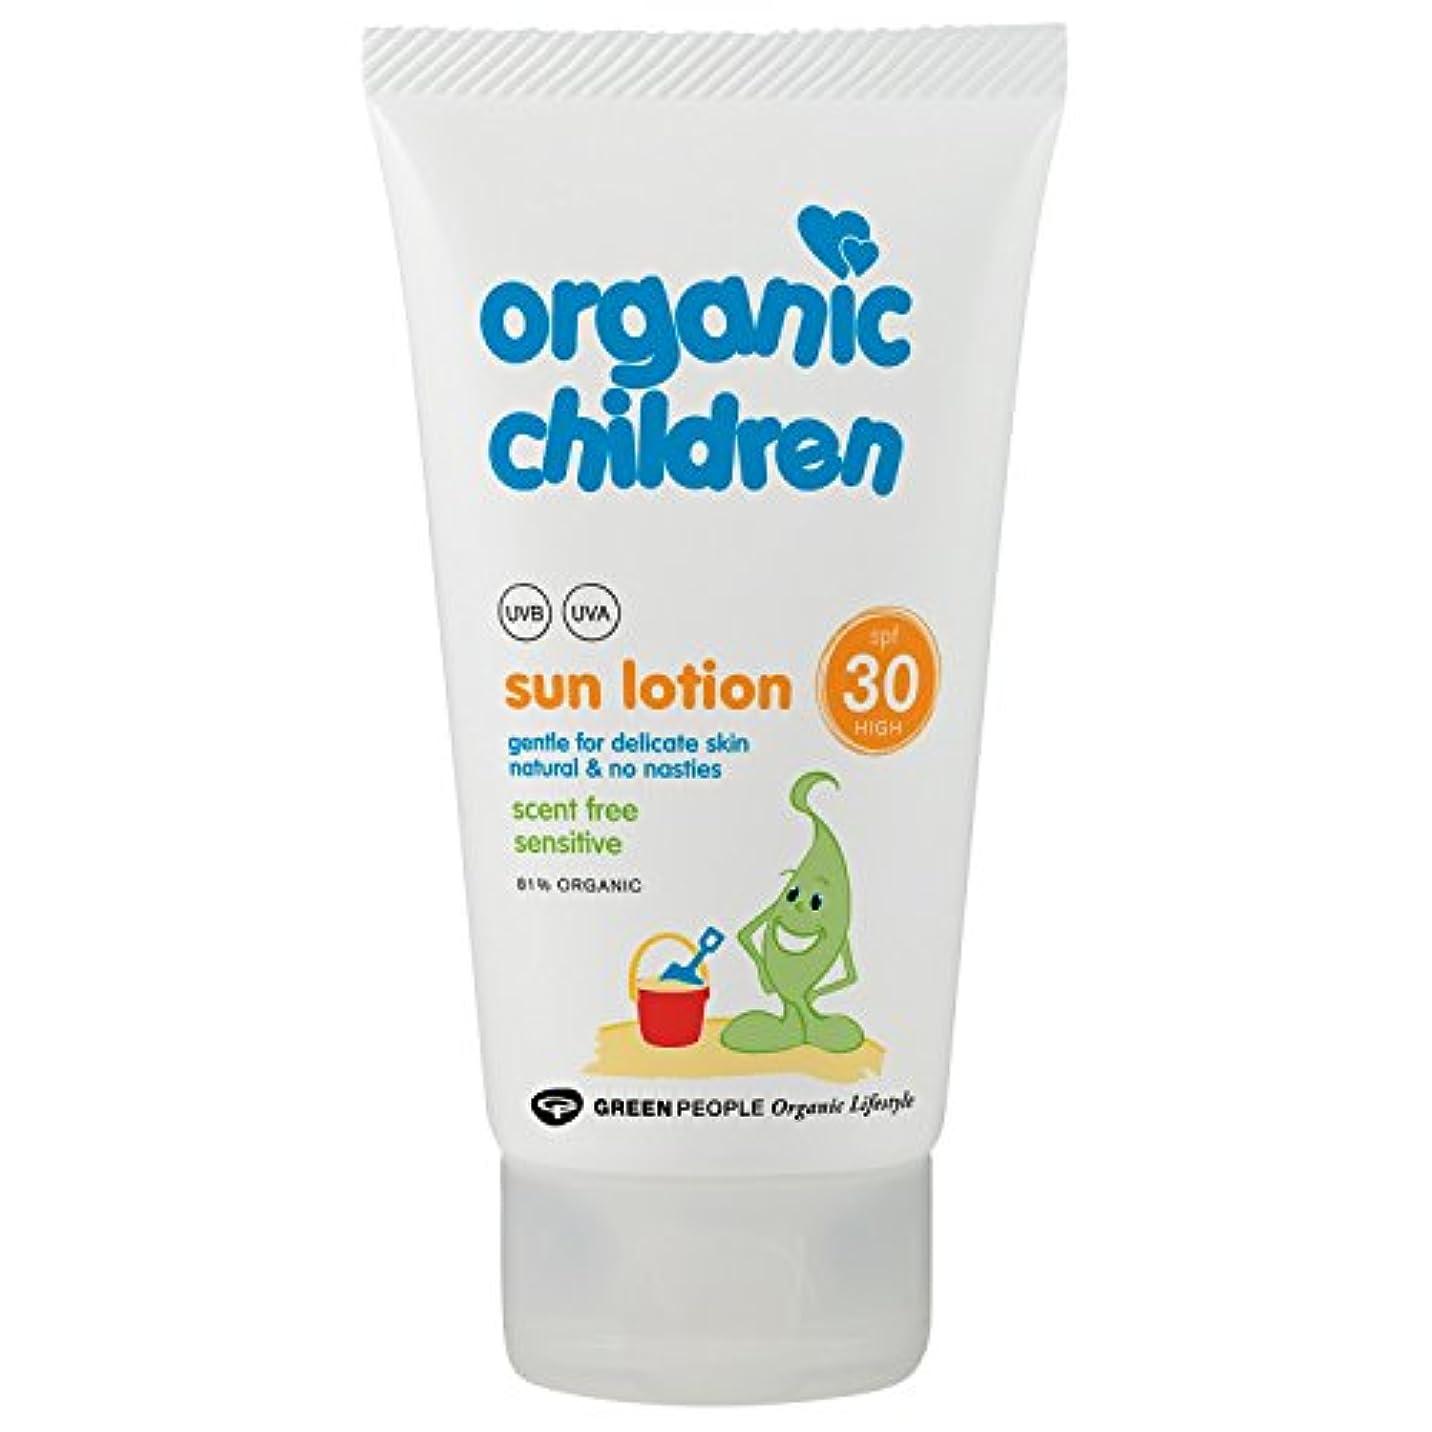 不確実村ネックレスOrganic Children SPF 30 Sun Lotion 150g - 有機子どもたちは30日のローション150グラムを [並行輸入品]